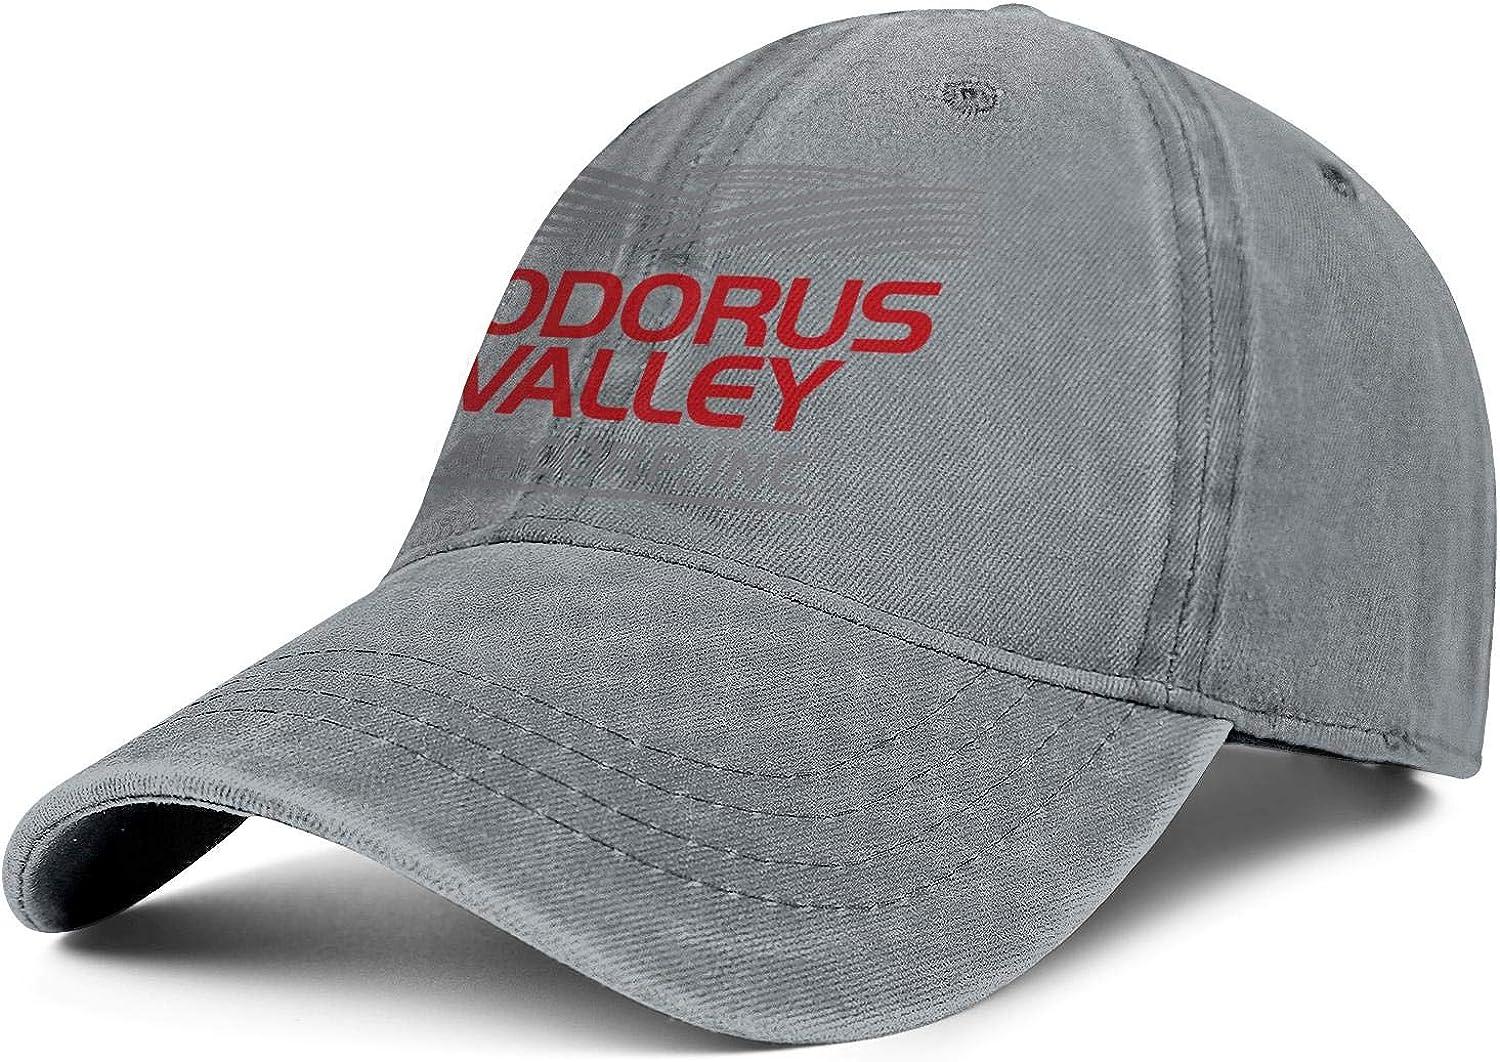 Mens Womens Hat Codorus Valley Logo Snapback Hats Designer Denim Cap Fit Caps